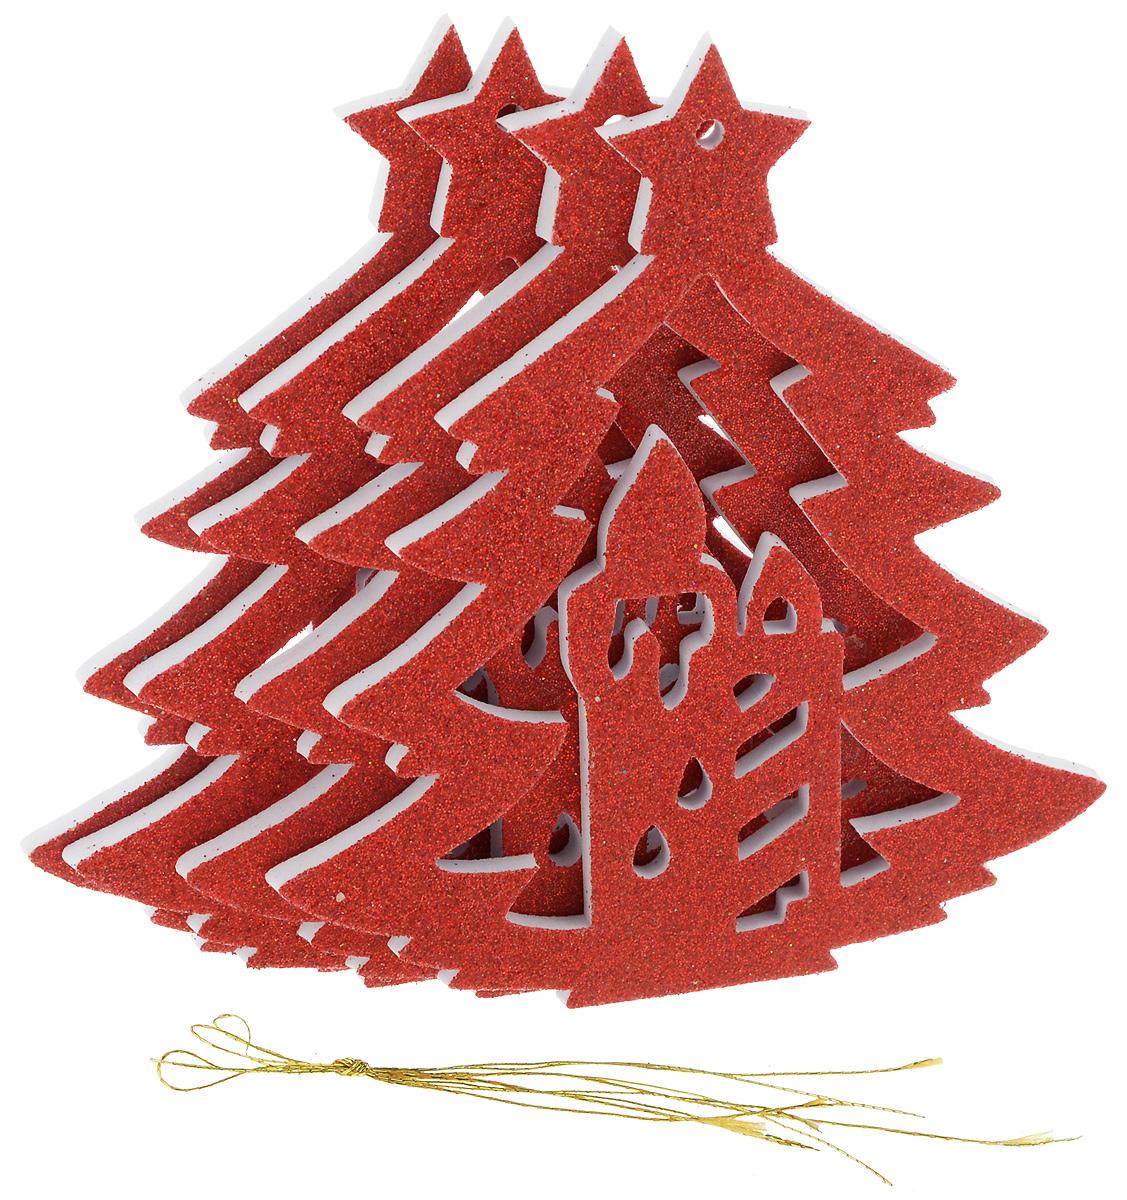 Набор новогодних подвесных украшений House & Holder Елка, цвет: красный, 4 штY68-8314/3R_красныйНабор подвесных украшений House & Holder Елка прекрасно подойдет для праздничного декора новогодней ели. Набор состоит из 4 пластиковых украшений. Елочная игрушка - символ Нового года. Она несет в себе волшебство и красоту праздника. Создайте в своем доме атмосферу веселья и радости, украшая новогоднюю елку нарядными игрушками, которые будут из года в год накапливать теплоту воспоминаний. Откройте для себя удивительный мир сказок и грез. Почувствуйте волшебные минуты ожидания праздника, создайте новогоднее настроение вашим дорогим и близким. Размер: 11 х 0,5 х 12,5 см.